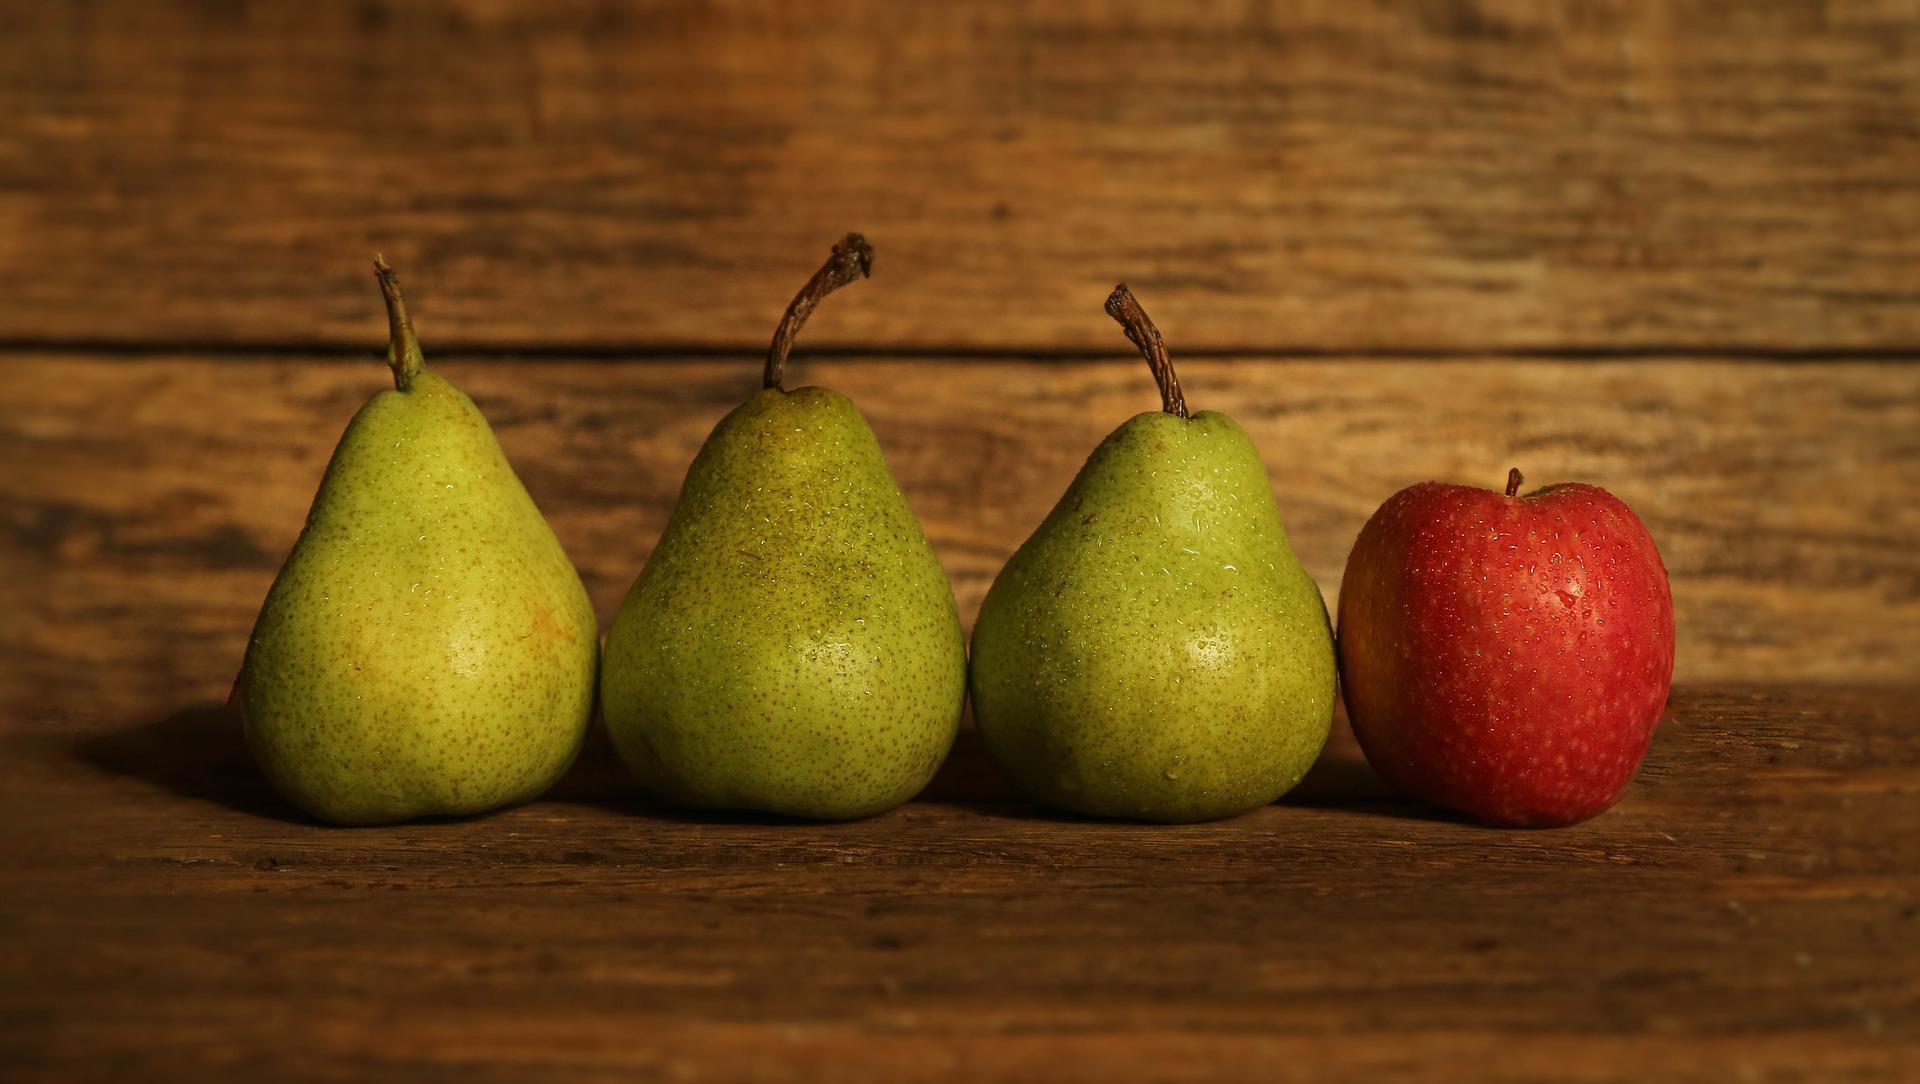 Poire-Pomme Chateau du Clau jus de fruits haut de gamme